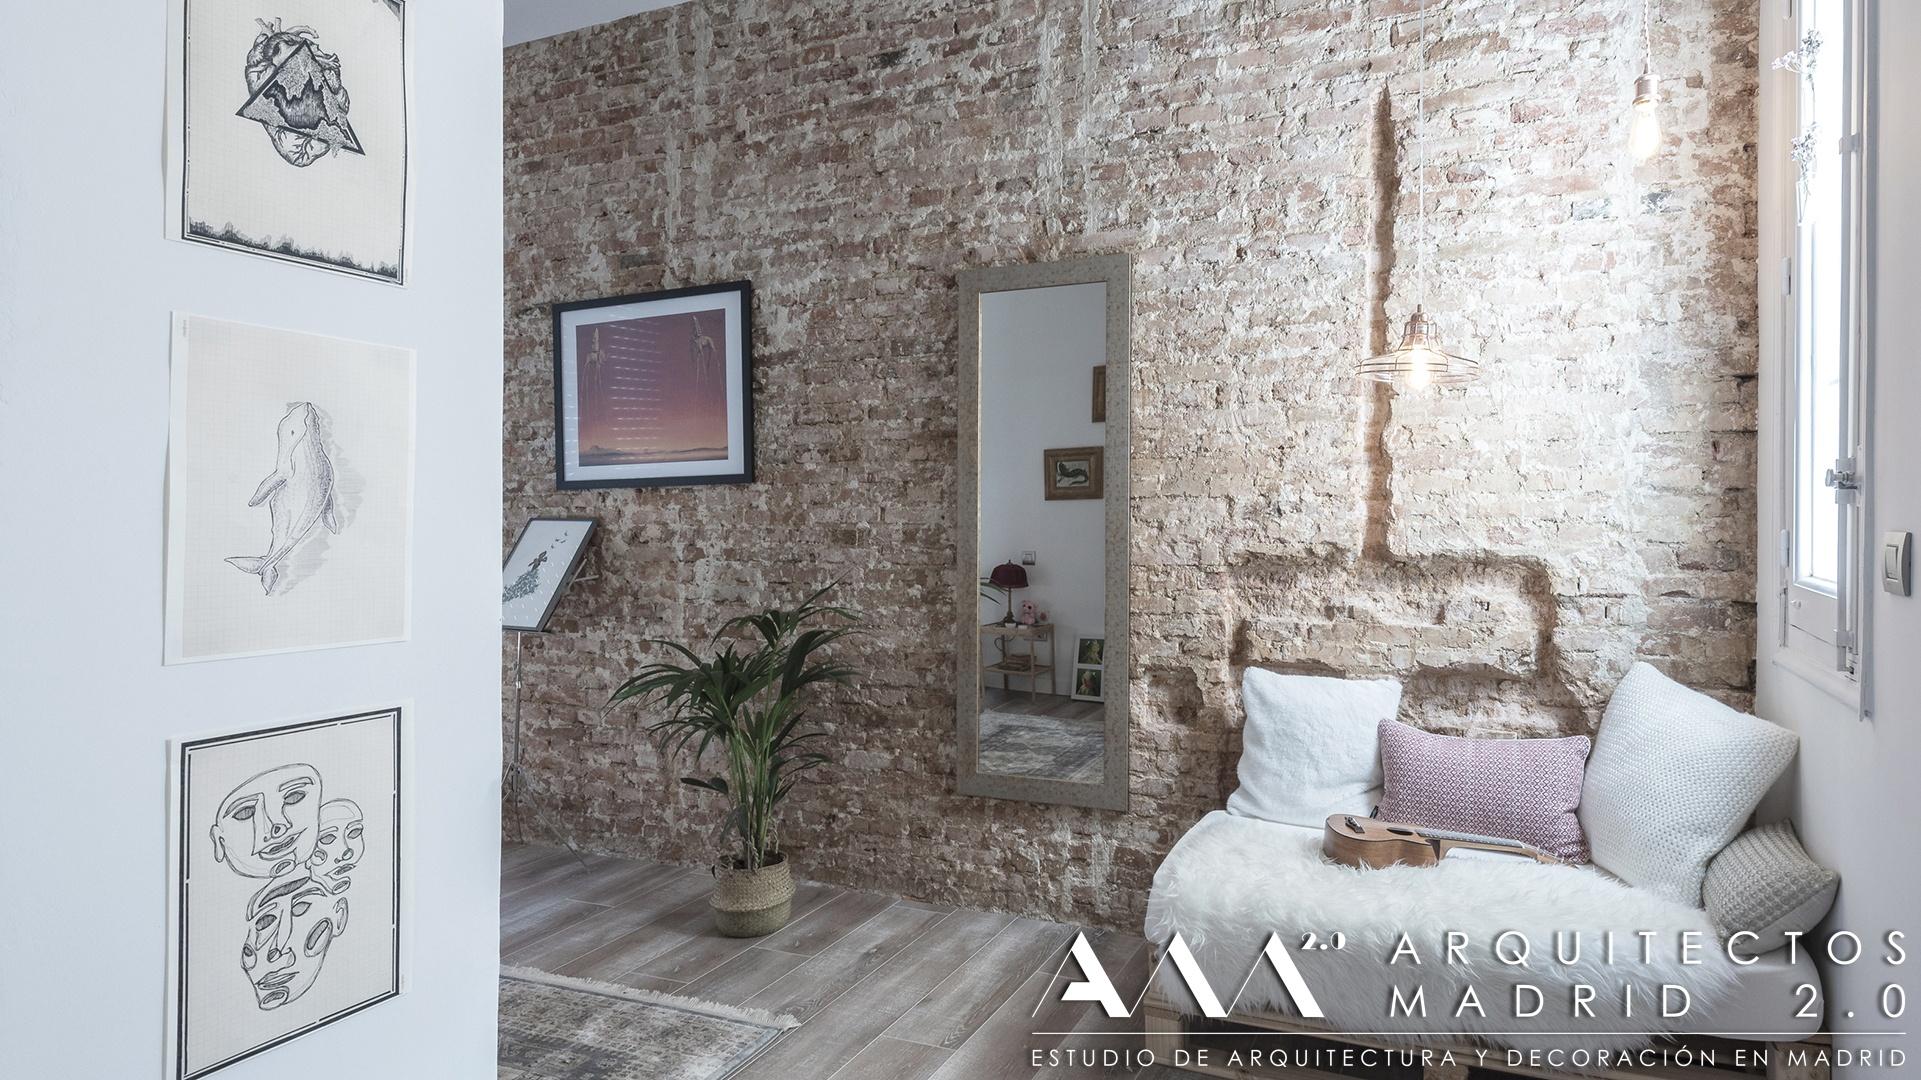 consejos-ideas-reformas-integrales-reformar-casa-salon-cocina-dormitorio-reforma-hogar-interior-decoracion-16